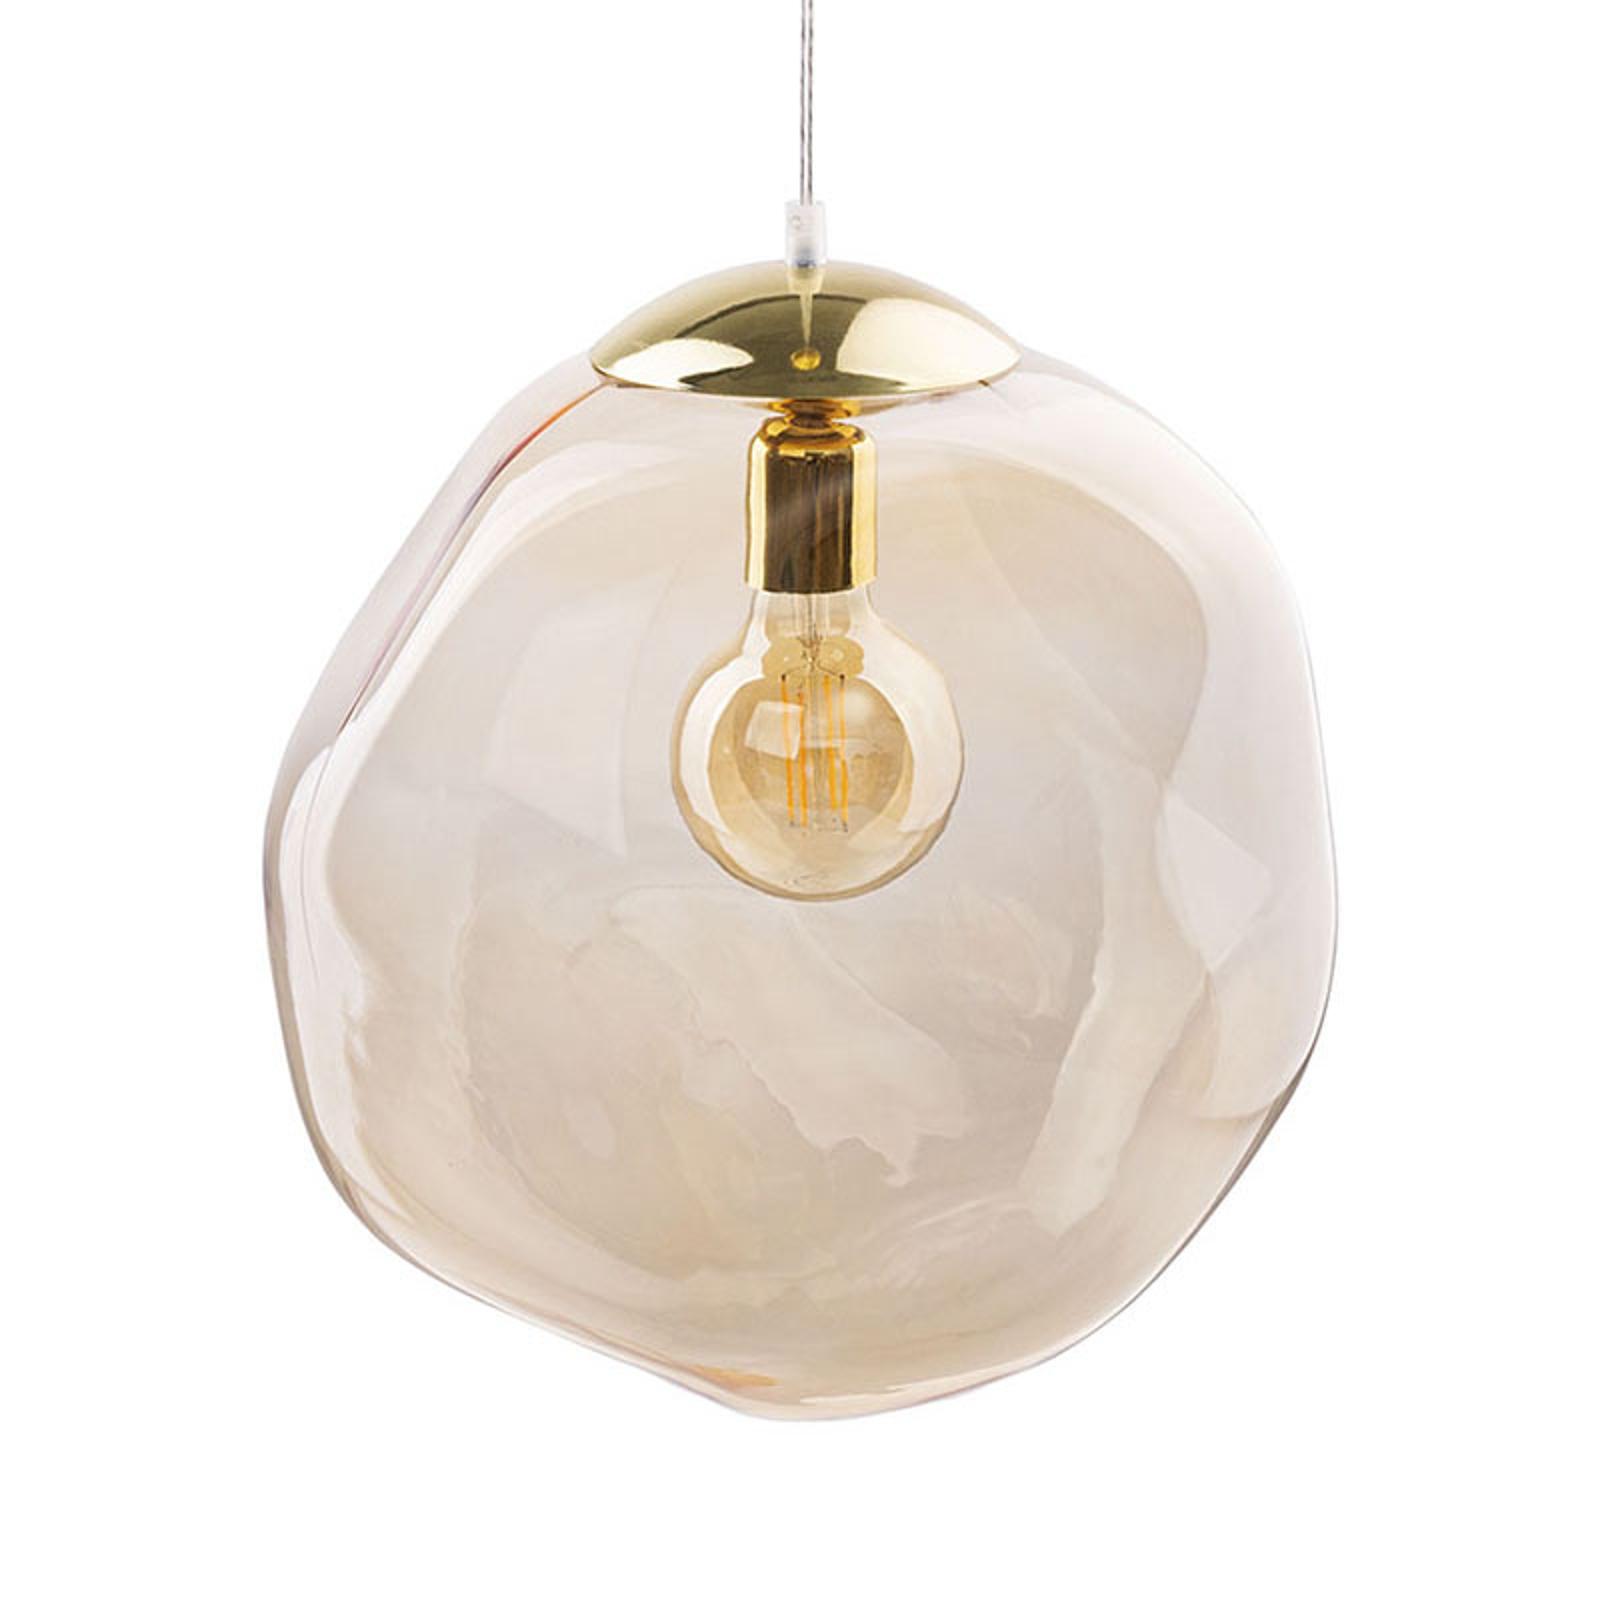 Sol hængelampe af glas, guld, rav